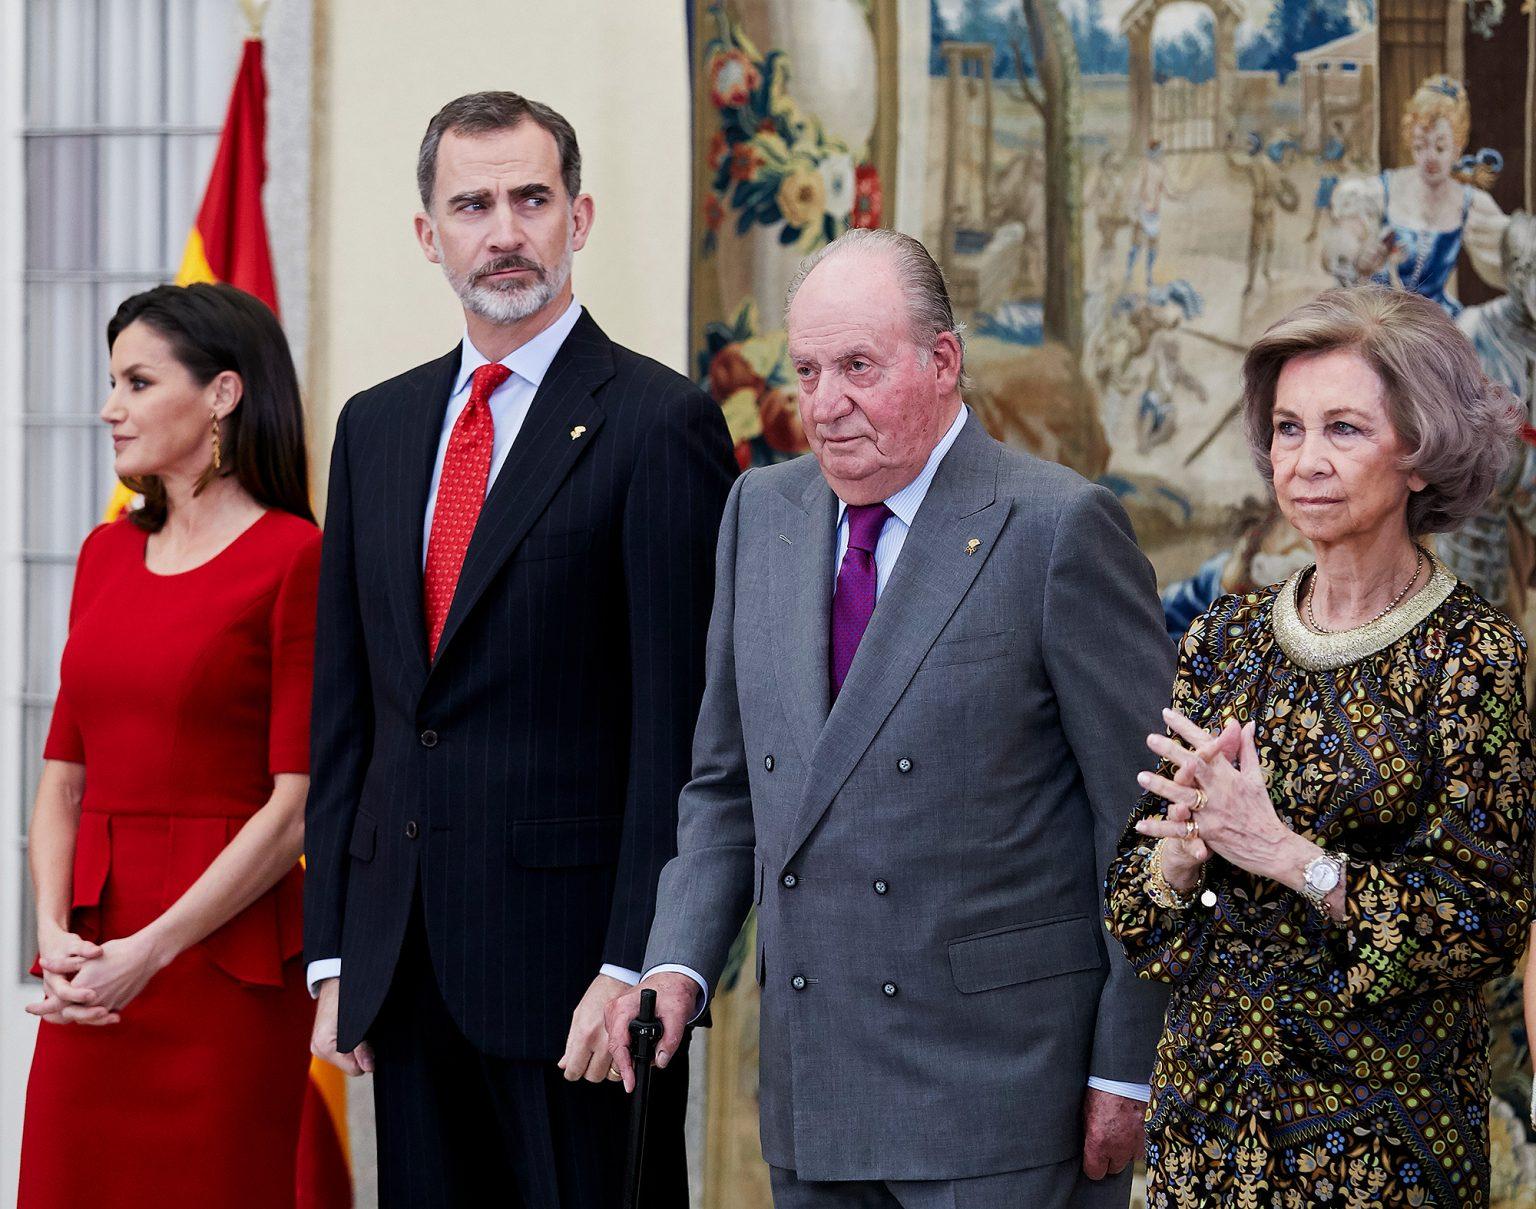 """Θηδιώδεις μίζες 80 και 100 εκατομυρίων ευρώ για Ελλάδα και Ισπανία σε """"αγωνιστές της Δημοκρατίας""""! Στα πράσα πολιτικοί γιατροί δικηγόροι δημοσιογράφοι…"""